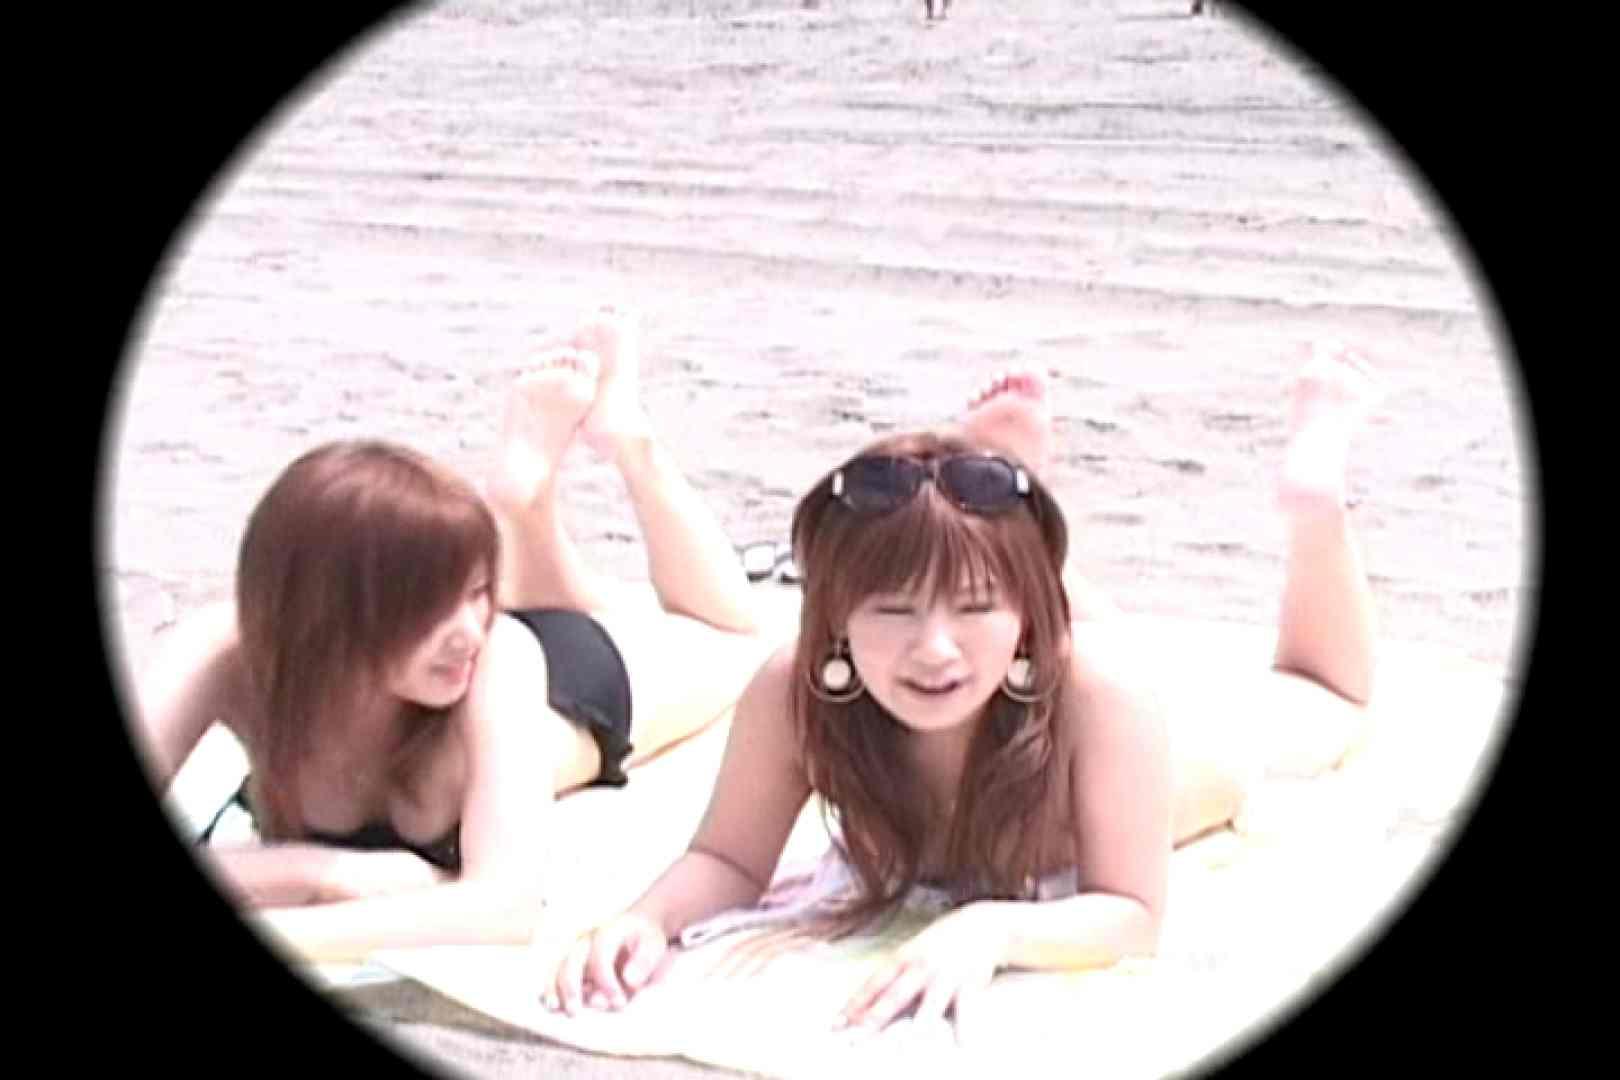 ビーチで発見!!はしゃぎ過ぎポロリギャルVol.4 日焼け 性交動画流出 102PICs 55